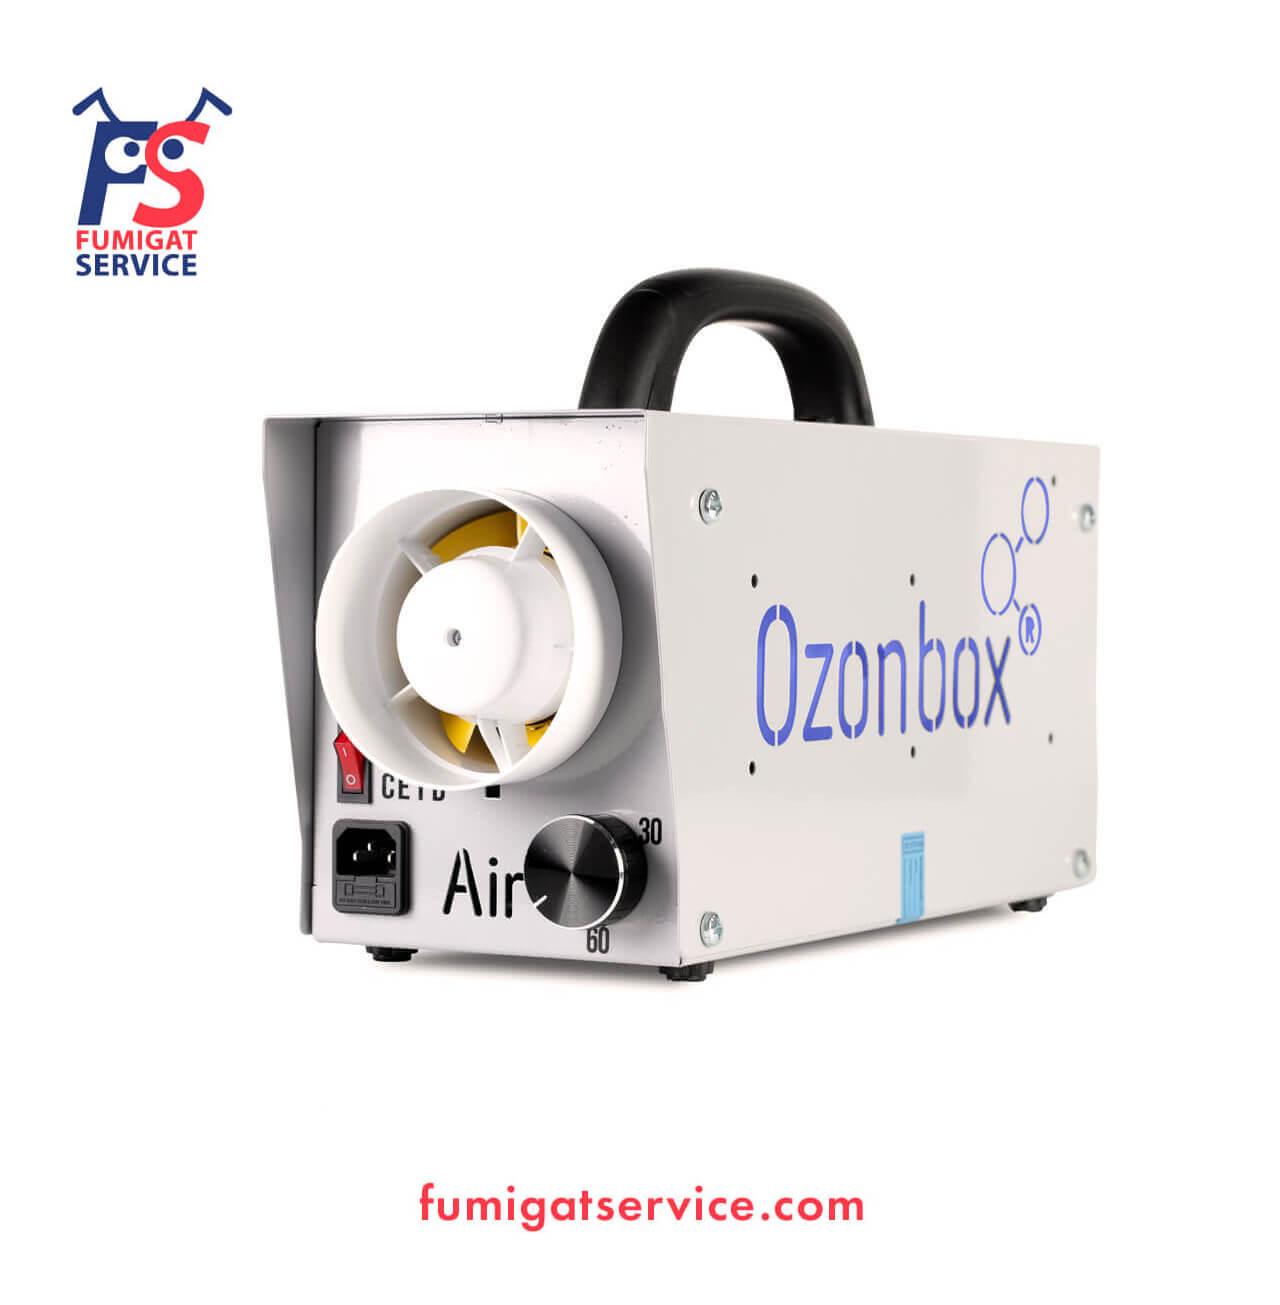 Очистка воздуха озонированием | Уничтожение запахов, вирусов, плесени, грибка | Экологичная и безопасная дезинфекция озоном